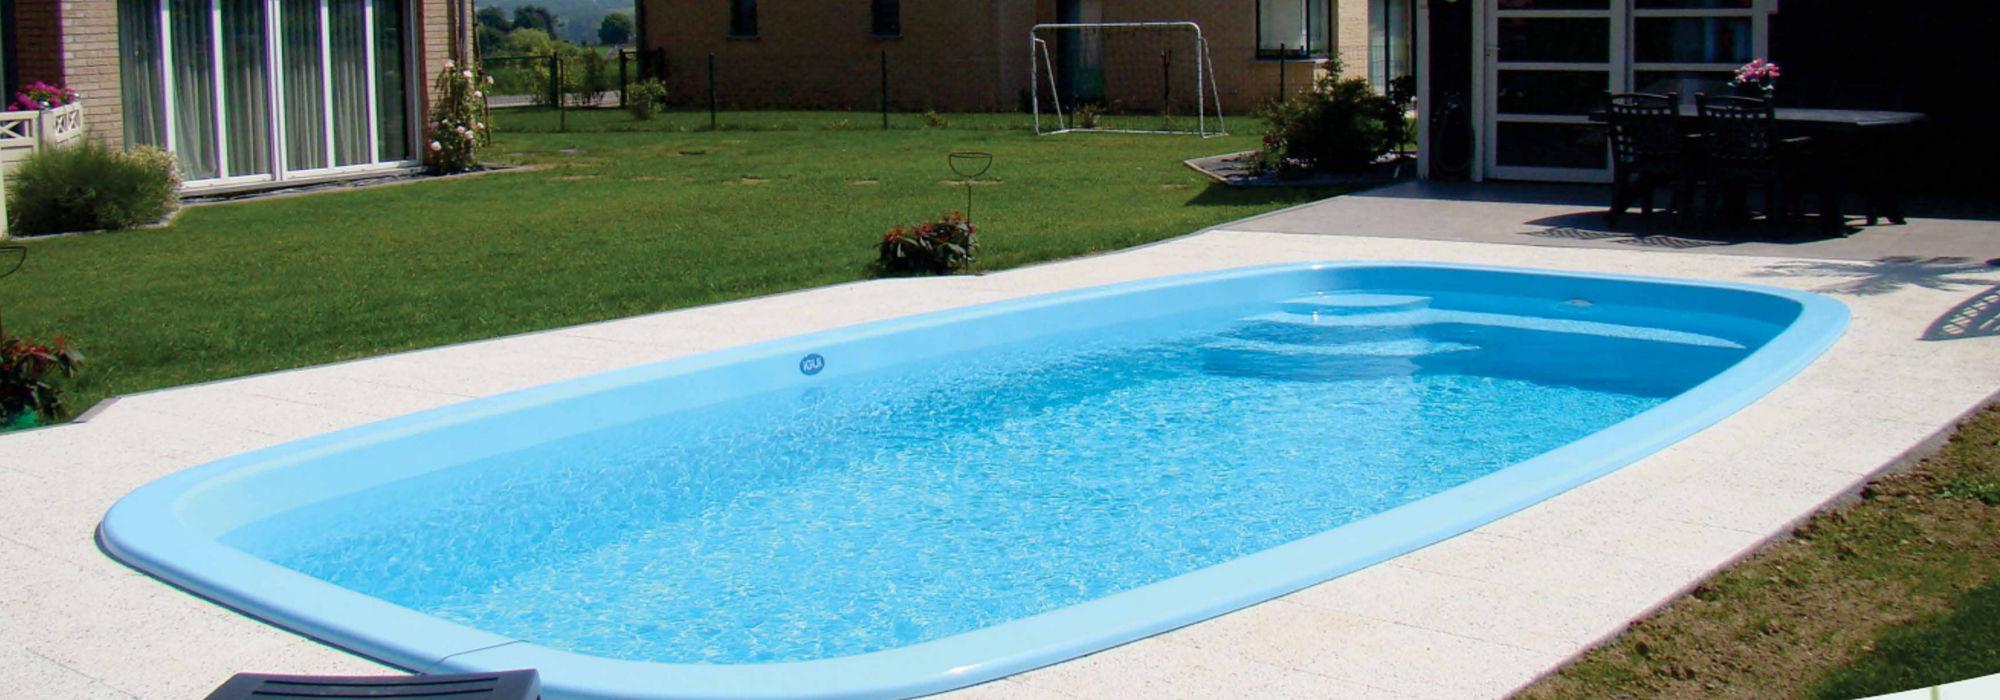 Piscinas piscinas de poliester venta y montaje for Multiforma piscinas